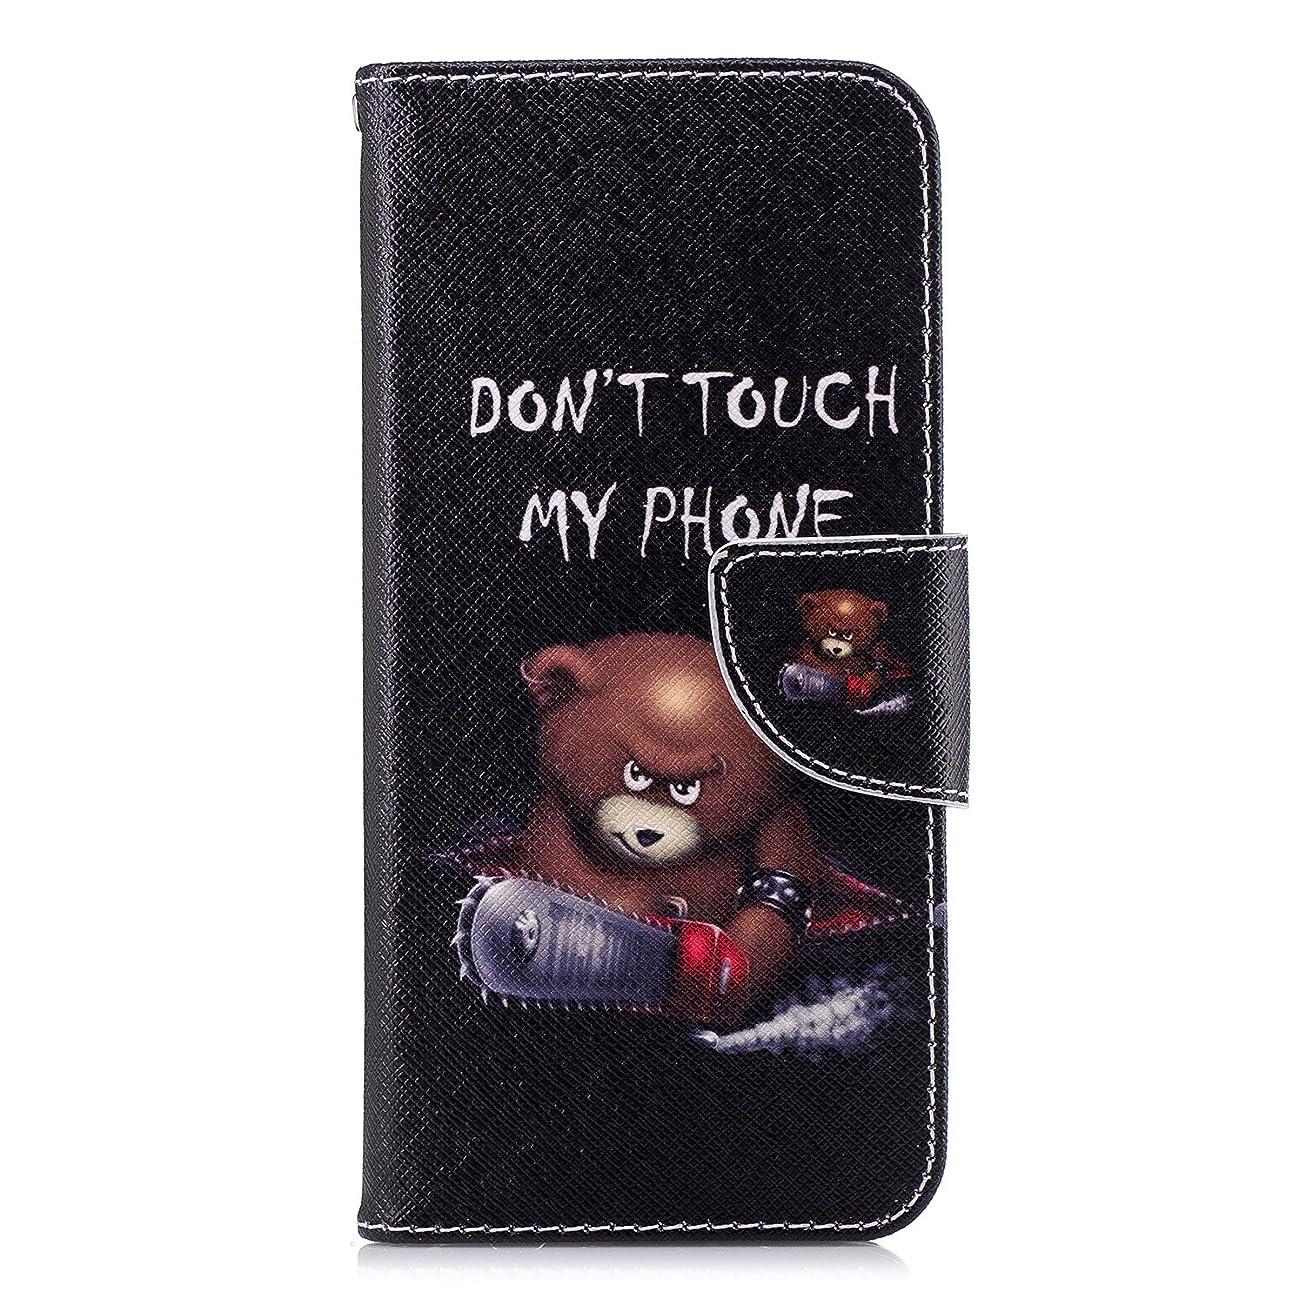 天国アプト槍NEXCURIO Huawei Honor 10 ケース 手帳型 PU レザーケース 耐衝撃 カード収納 スタンド機能 マグネット式 ファーウェイHonor10 ケース 携帯カバー おしゃれ - NEBFE12938#9